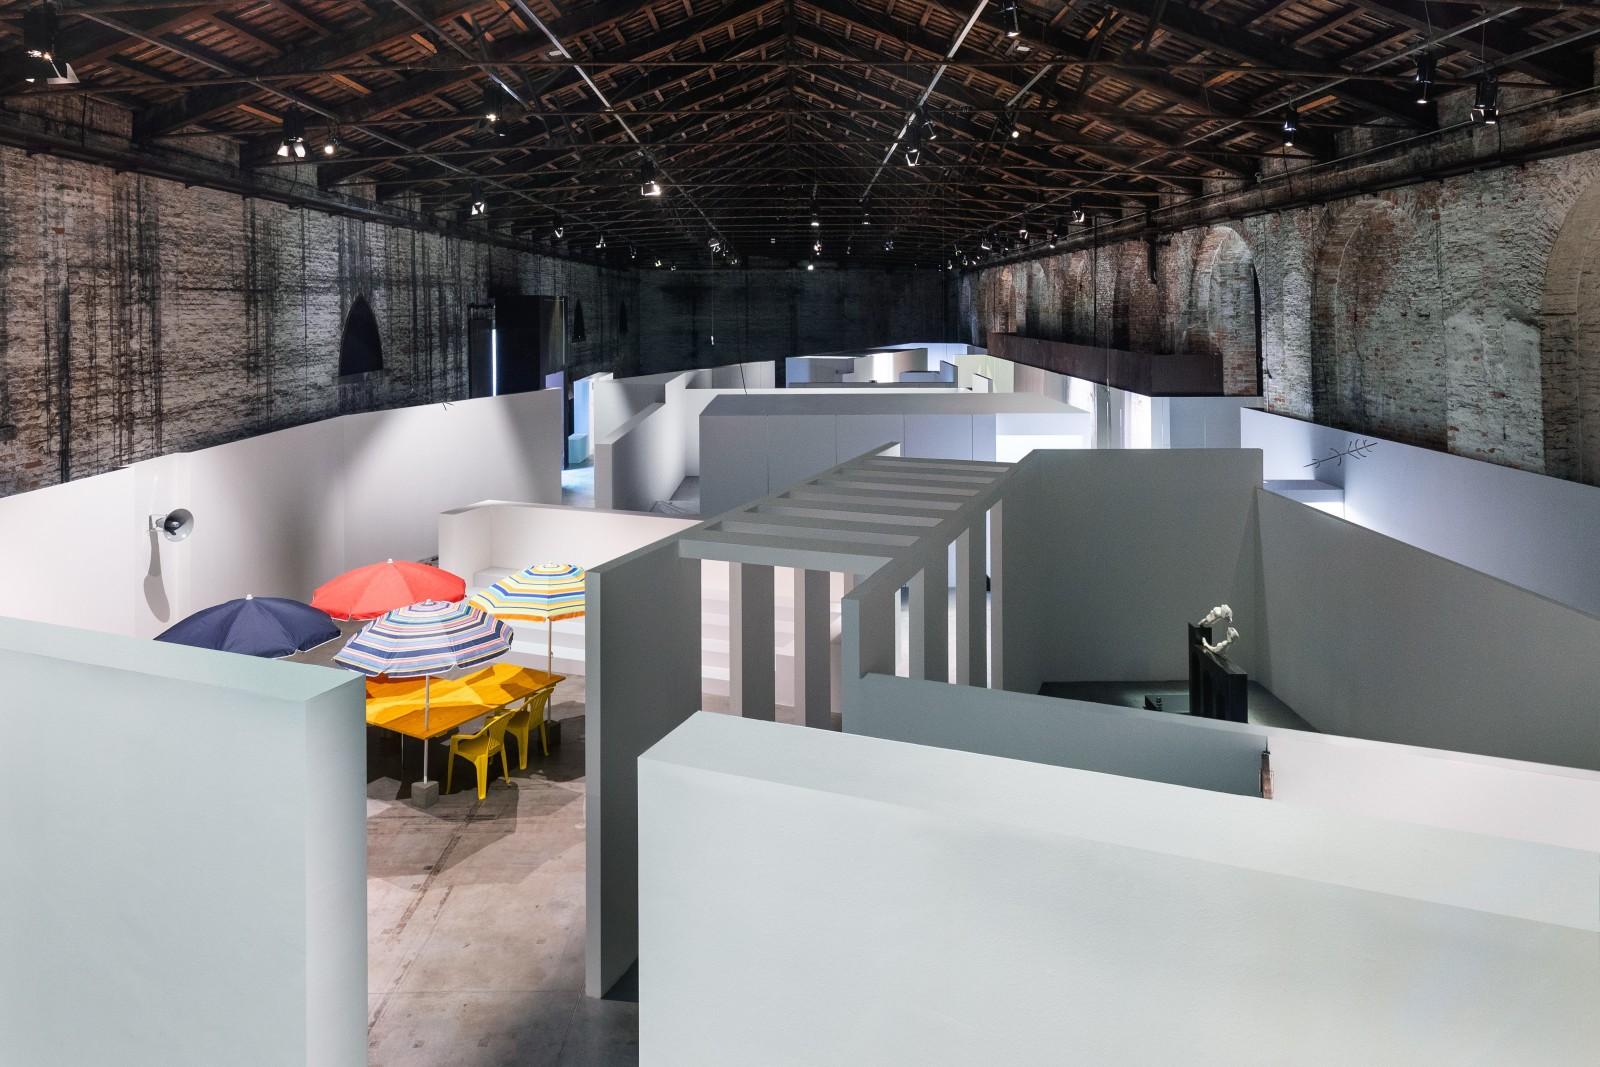 Neither Nor: The challenge to the Labyrinth - 11 Maggio - 24 Novembre 2019 – Padiglione Italia - 58esima edizione Esposizione Internazionale d'Arte della Biennale di Venezia